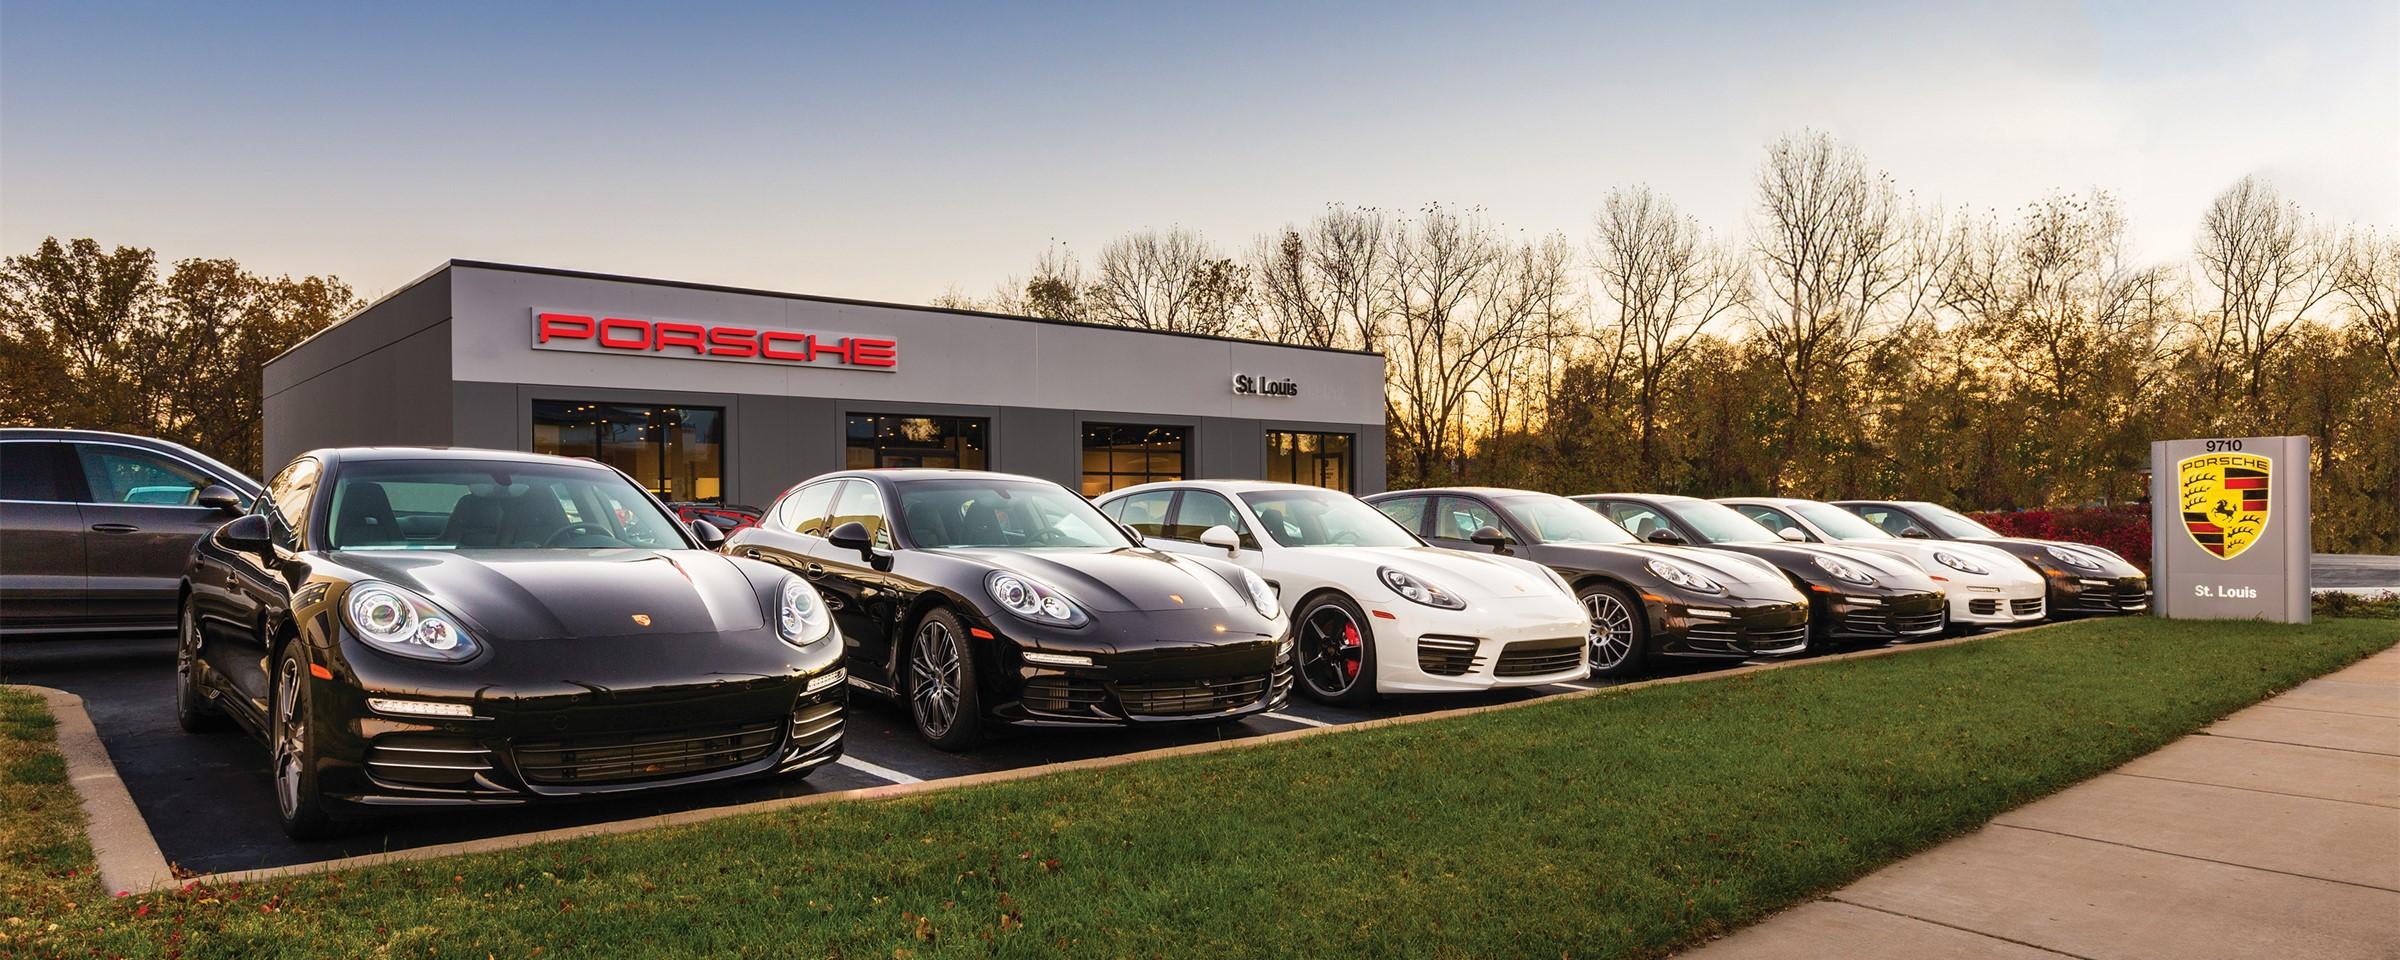 Porsche St Louis Named Top Dealer